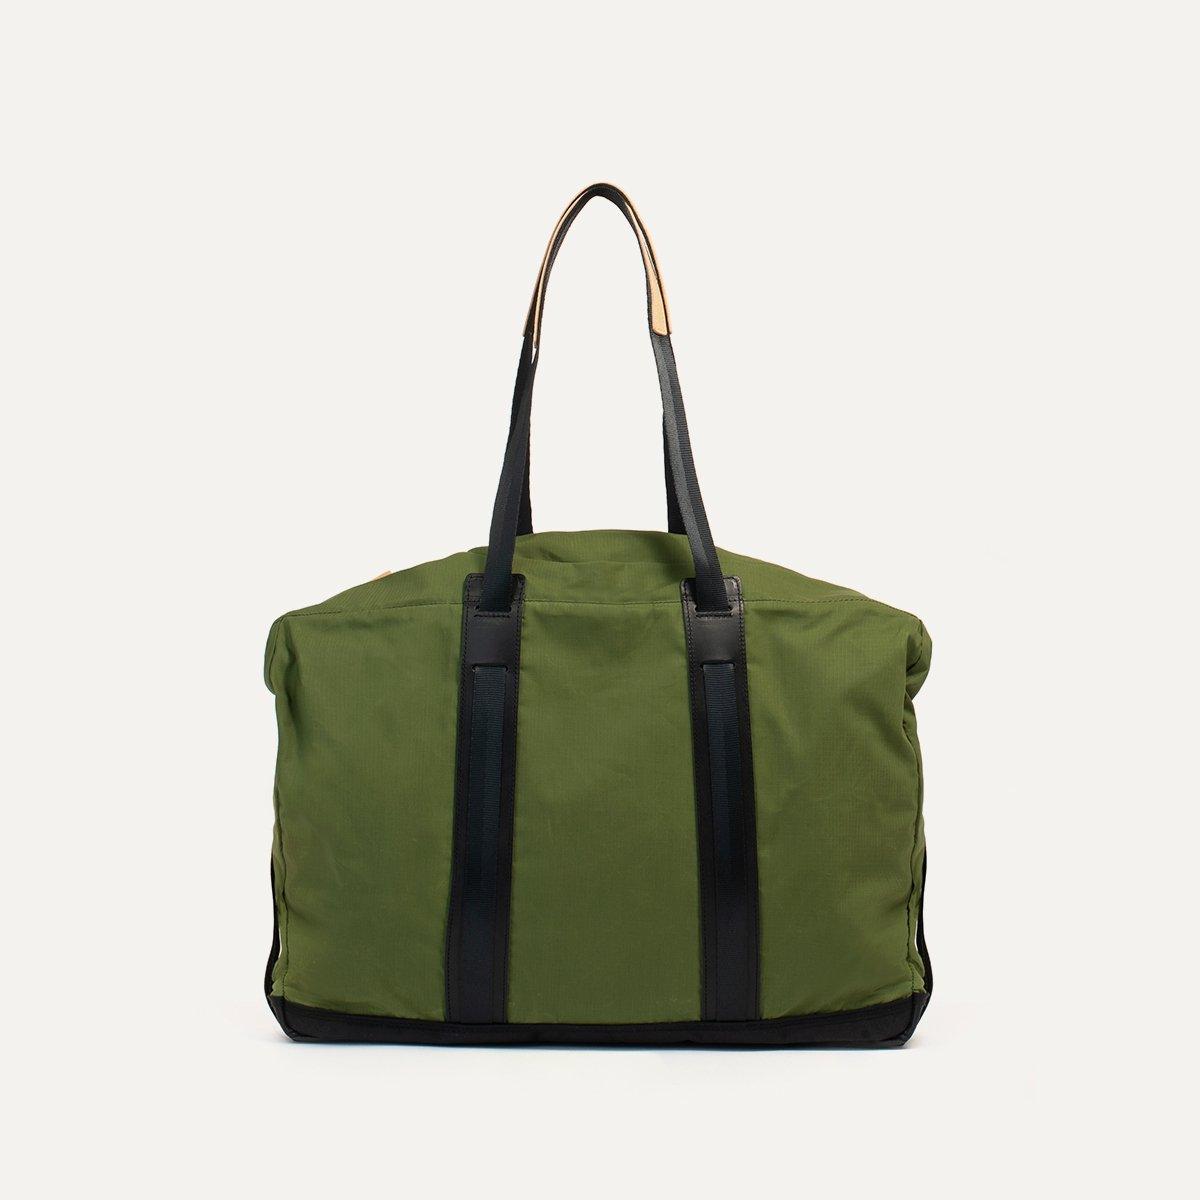 15L Barda Tote bag - Bancha Green (image n°3)